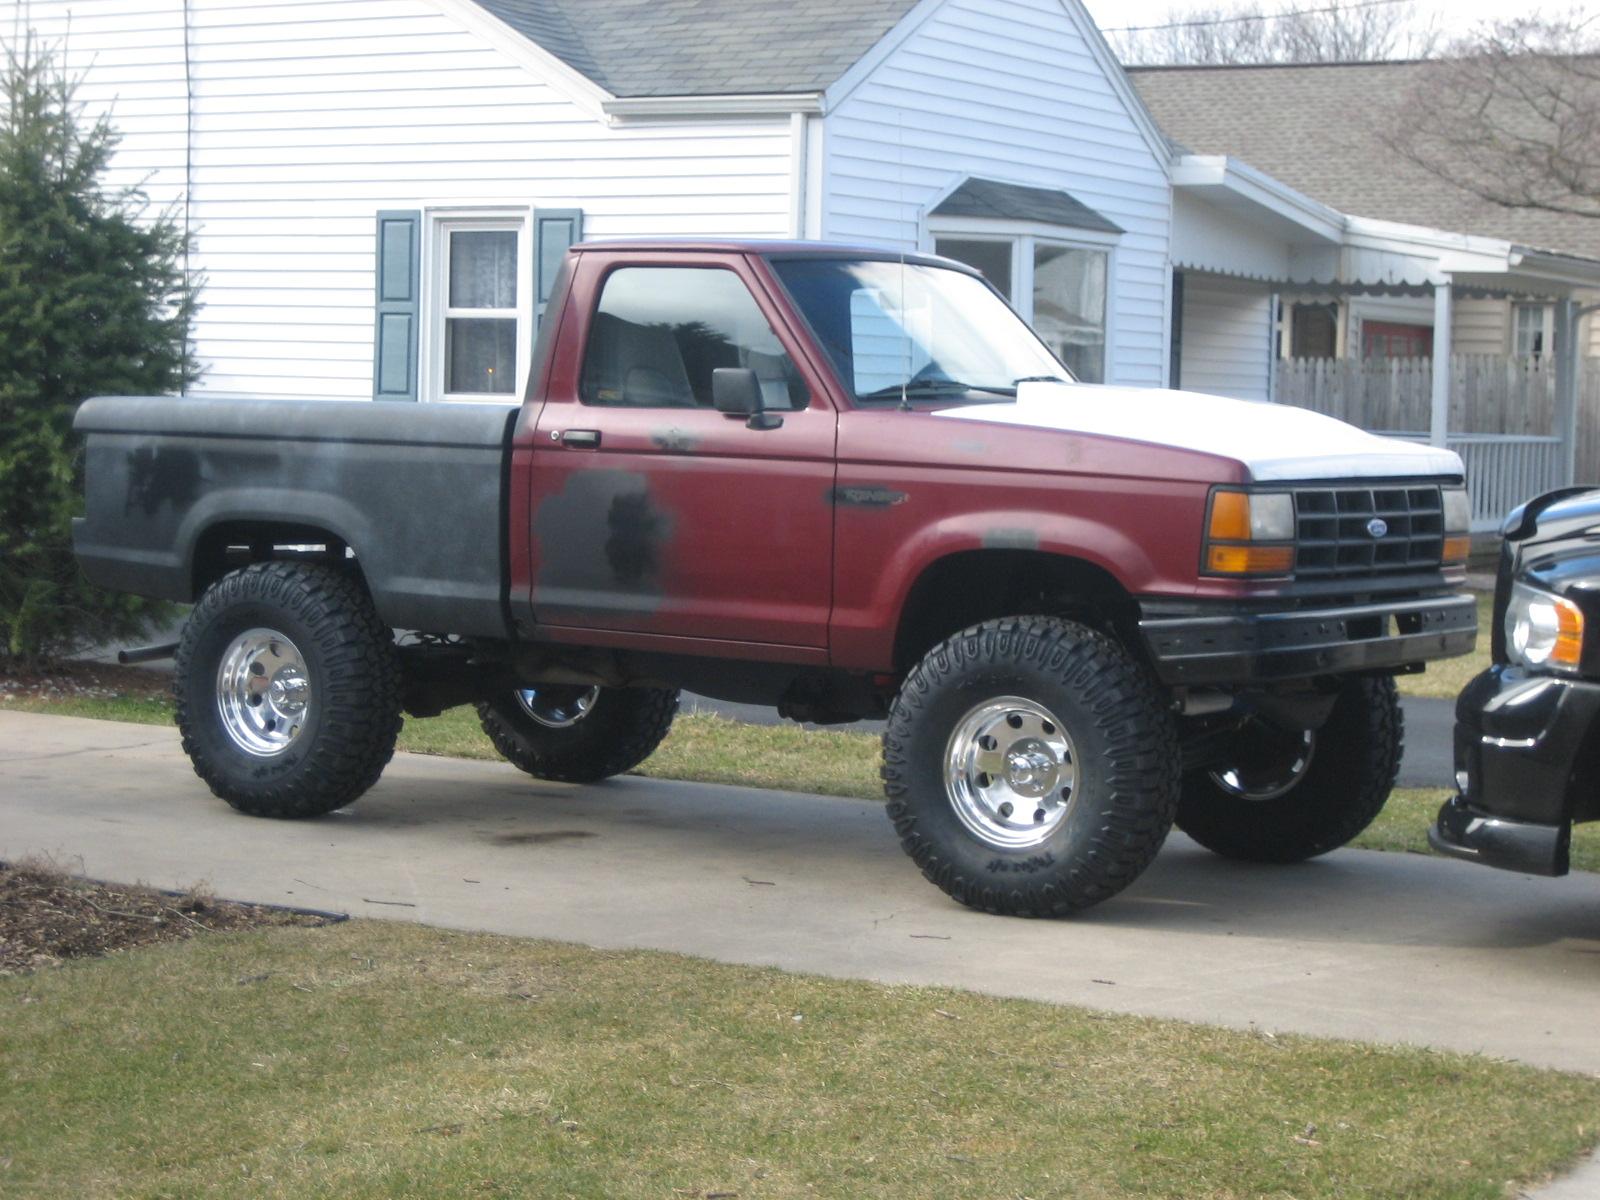 lifted 1992 ford ranger 2016 lifted 1992 ford ranger - Lifted 1992 Ford Ranger